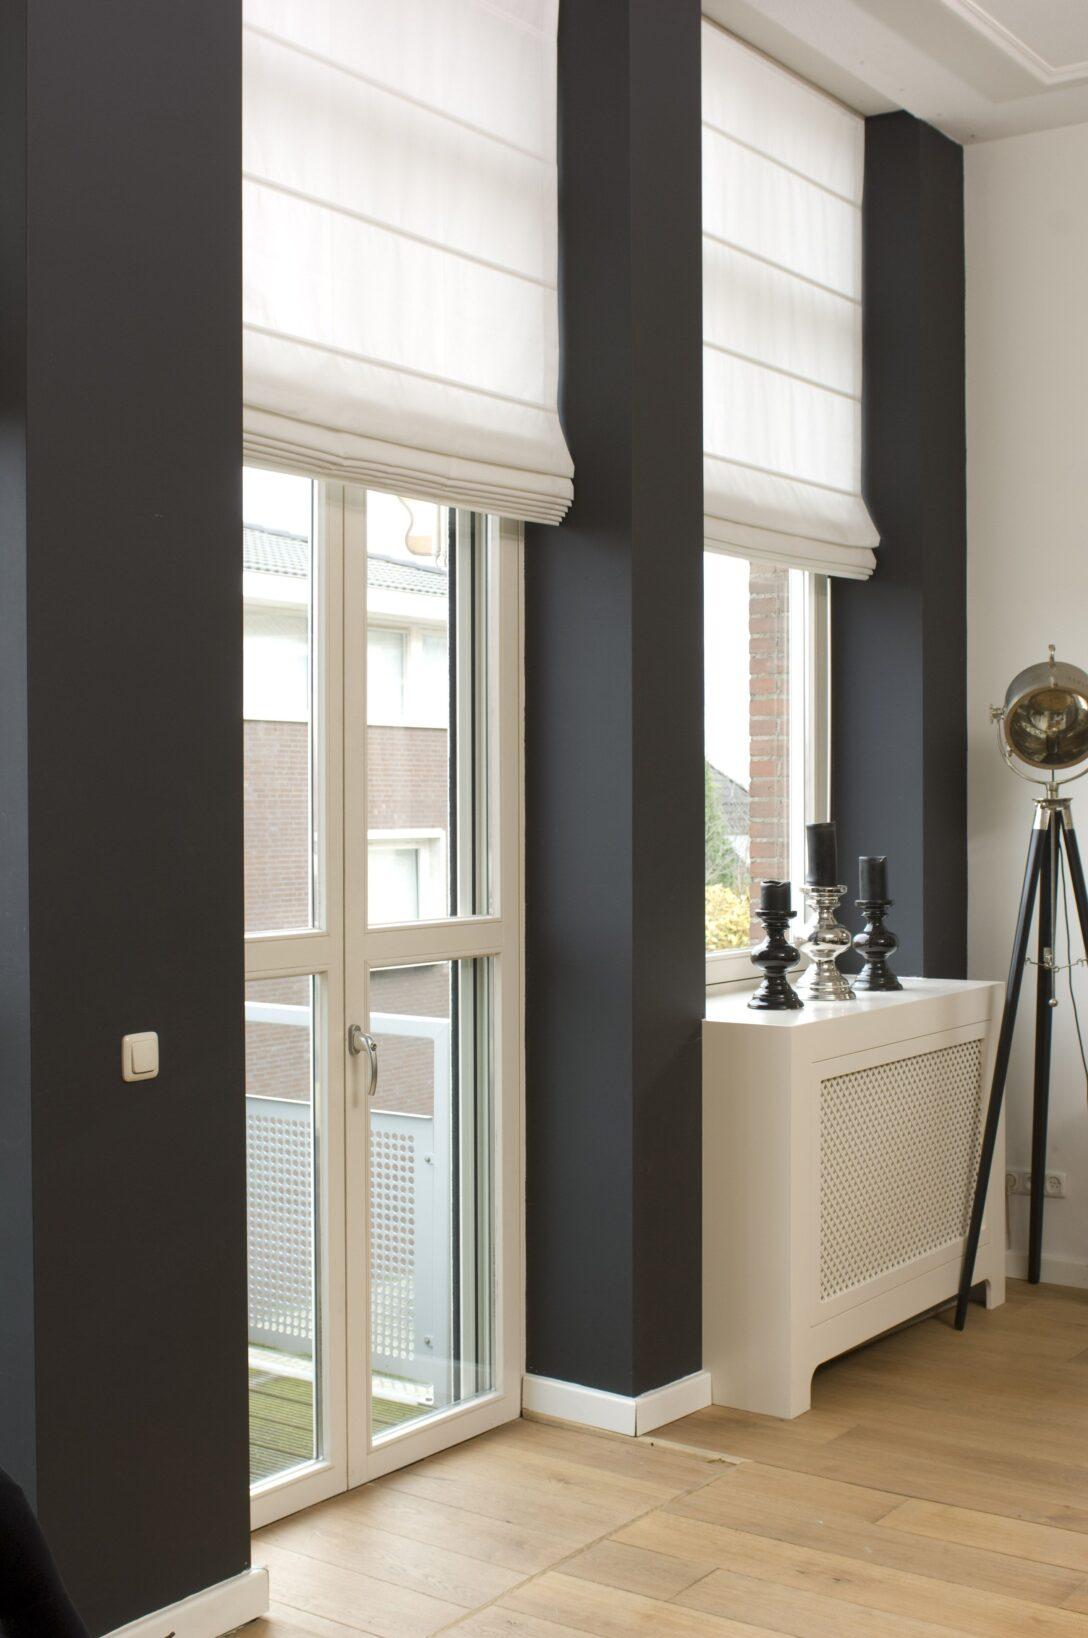 Large Size of Roman Shades Vorhang Gestaltung Scheibengardinen Küche Fenster Gardinen Gardine Wohnzimmer Für Die Schlafzimmer Wohnzimmer Balkontür Gardine